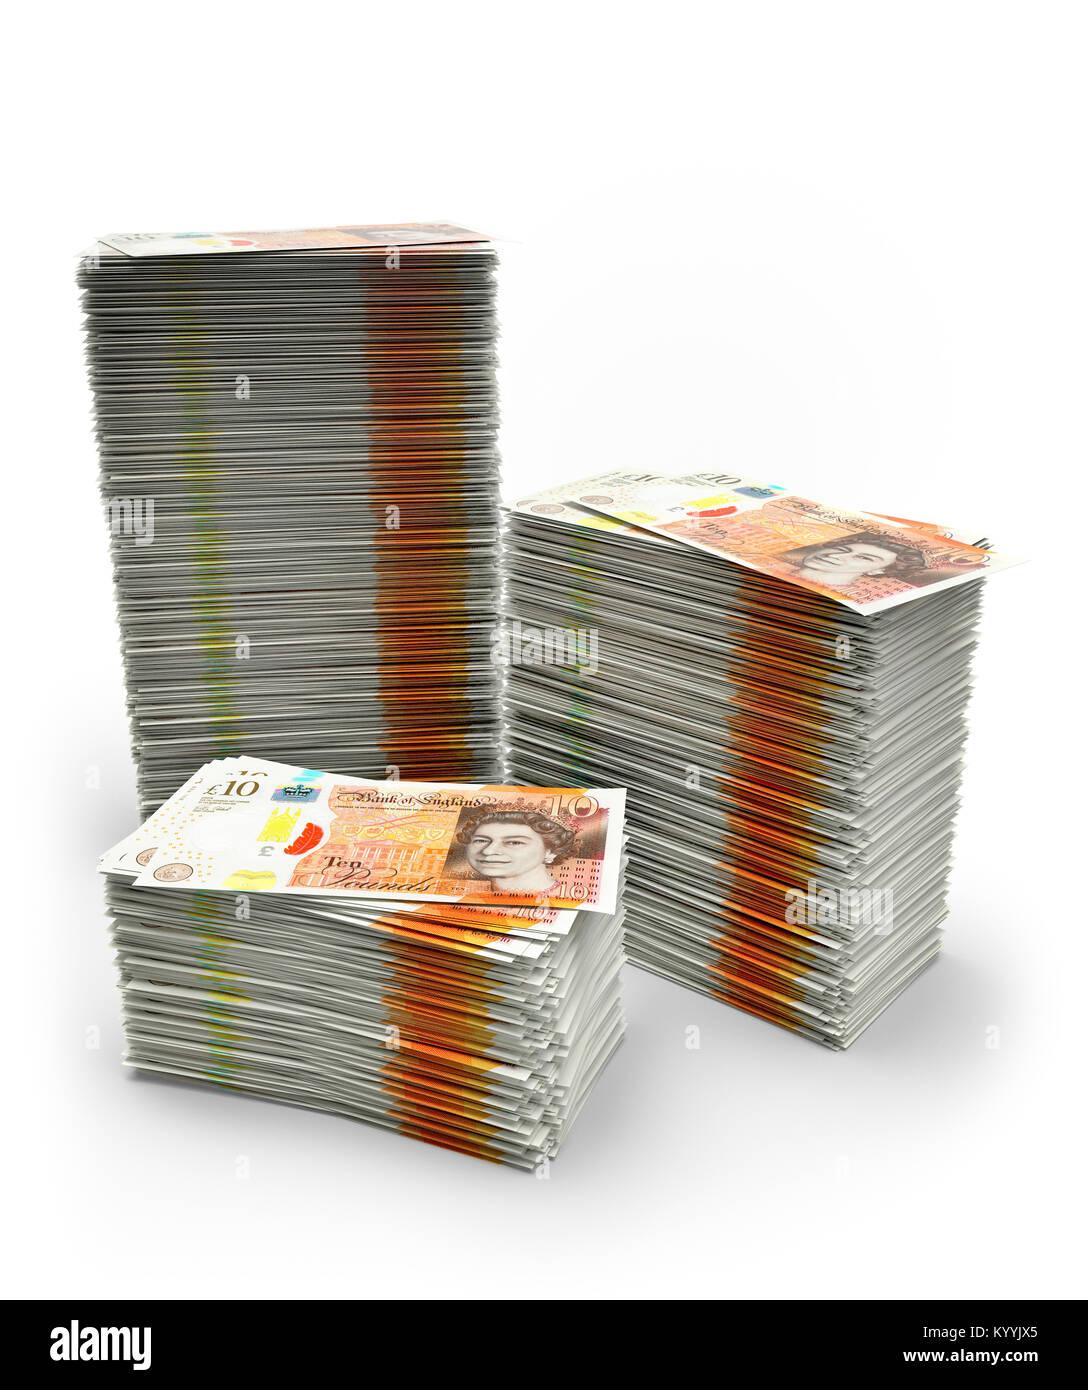 Stapel von zehn 10 Pfund Sterling Notizen auf einem weißen Hintergrund Illustration speichern oder Schulden Stockbild